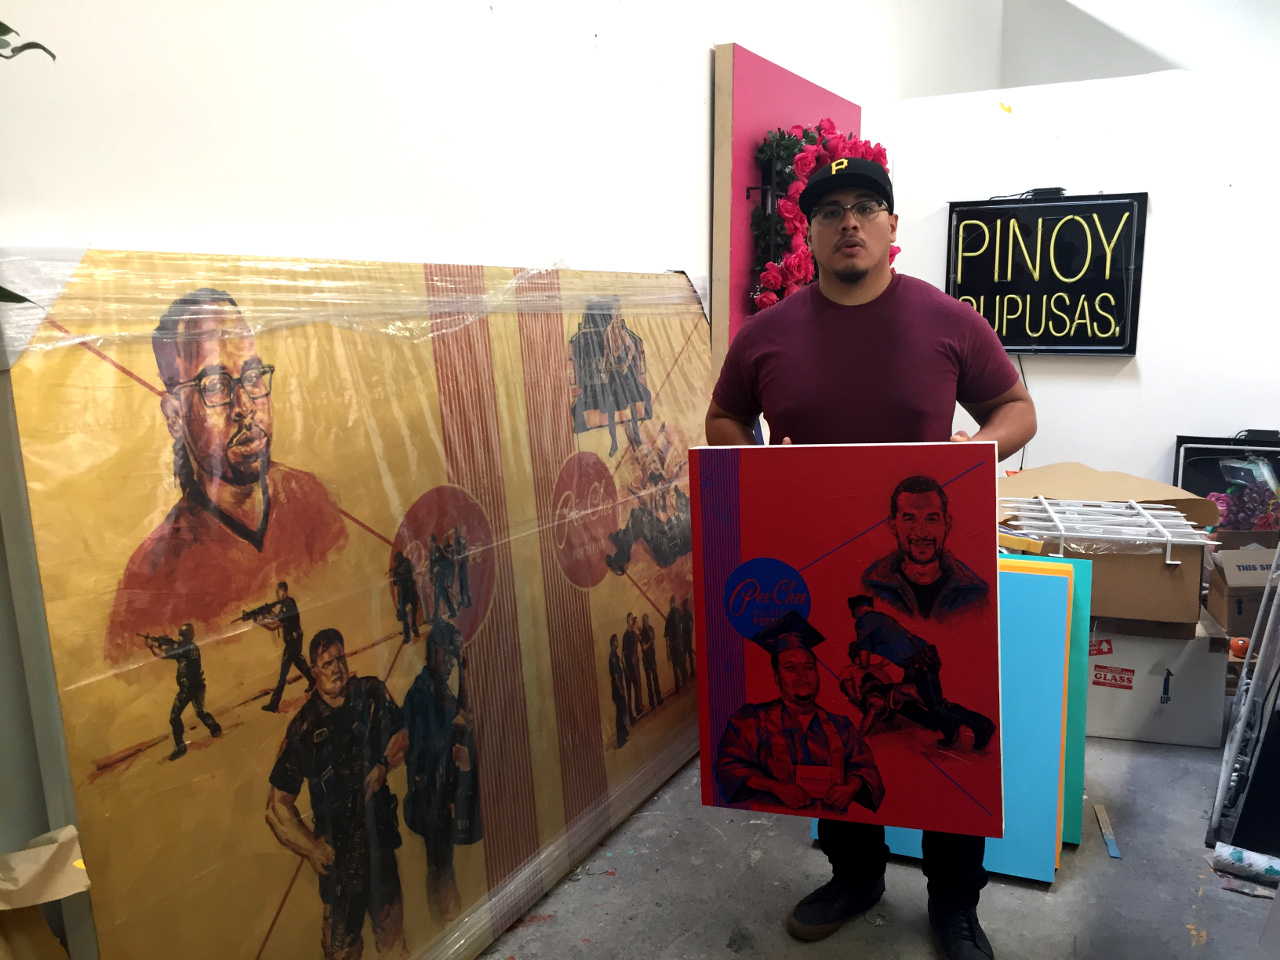 Artist patrick martinez pee chee folders 1.jpg?ixlib=rails 1.1